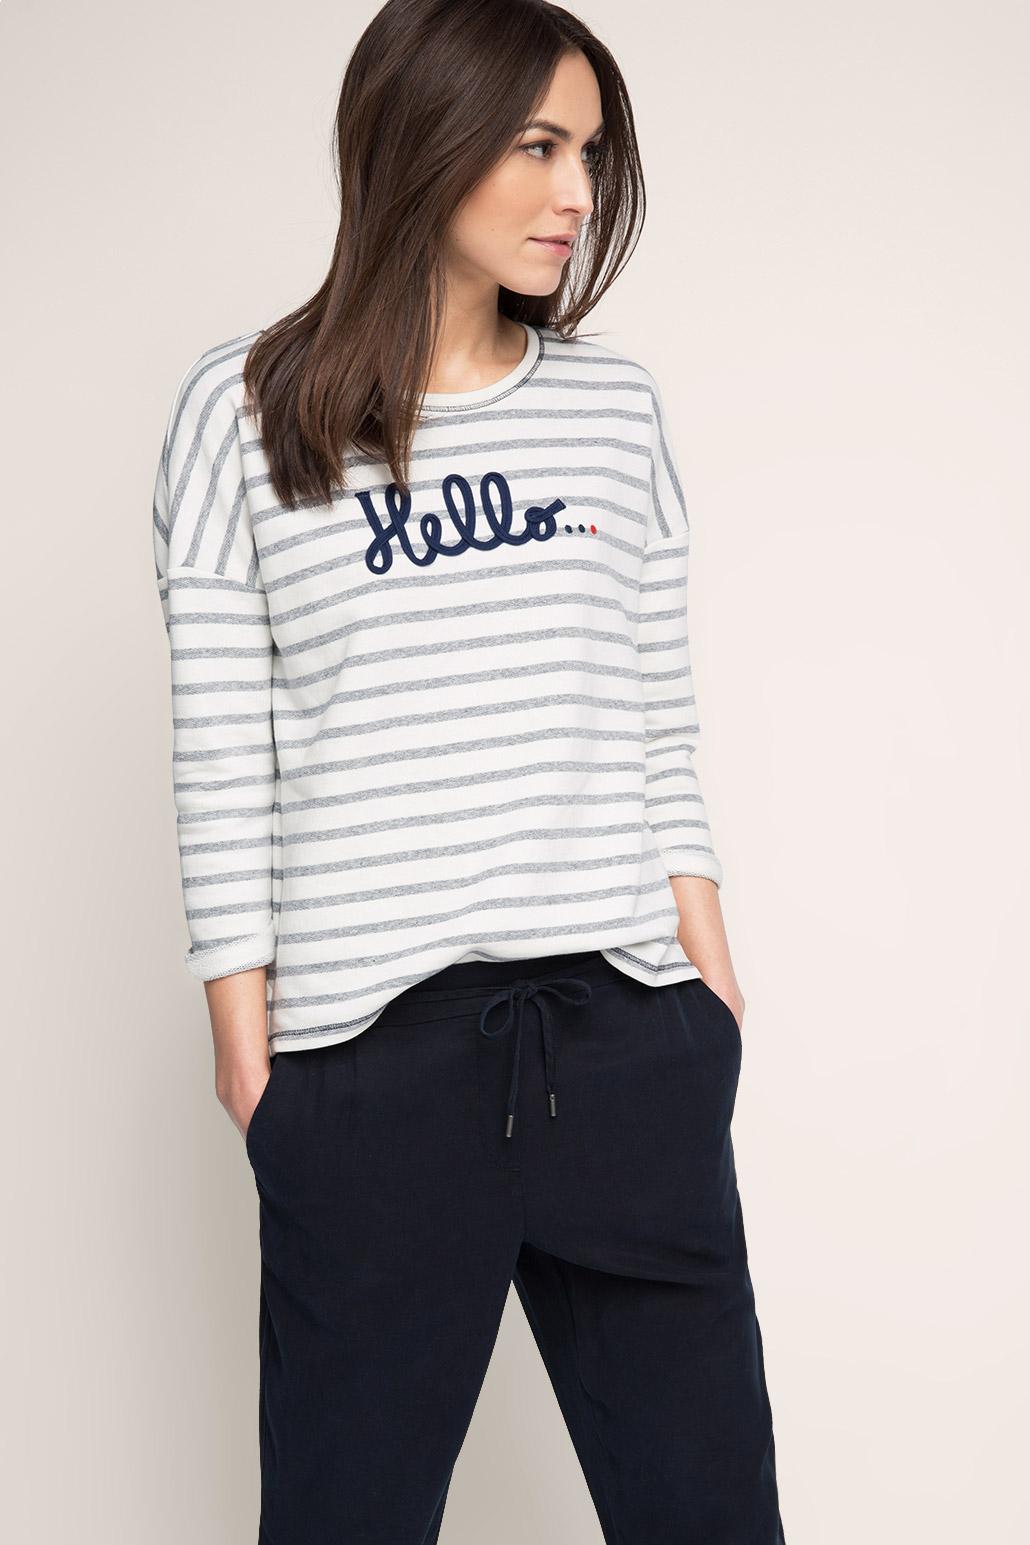 Esprit-Striped-sweatshirt-in-cotton